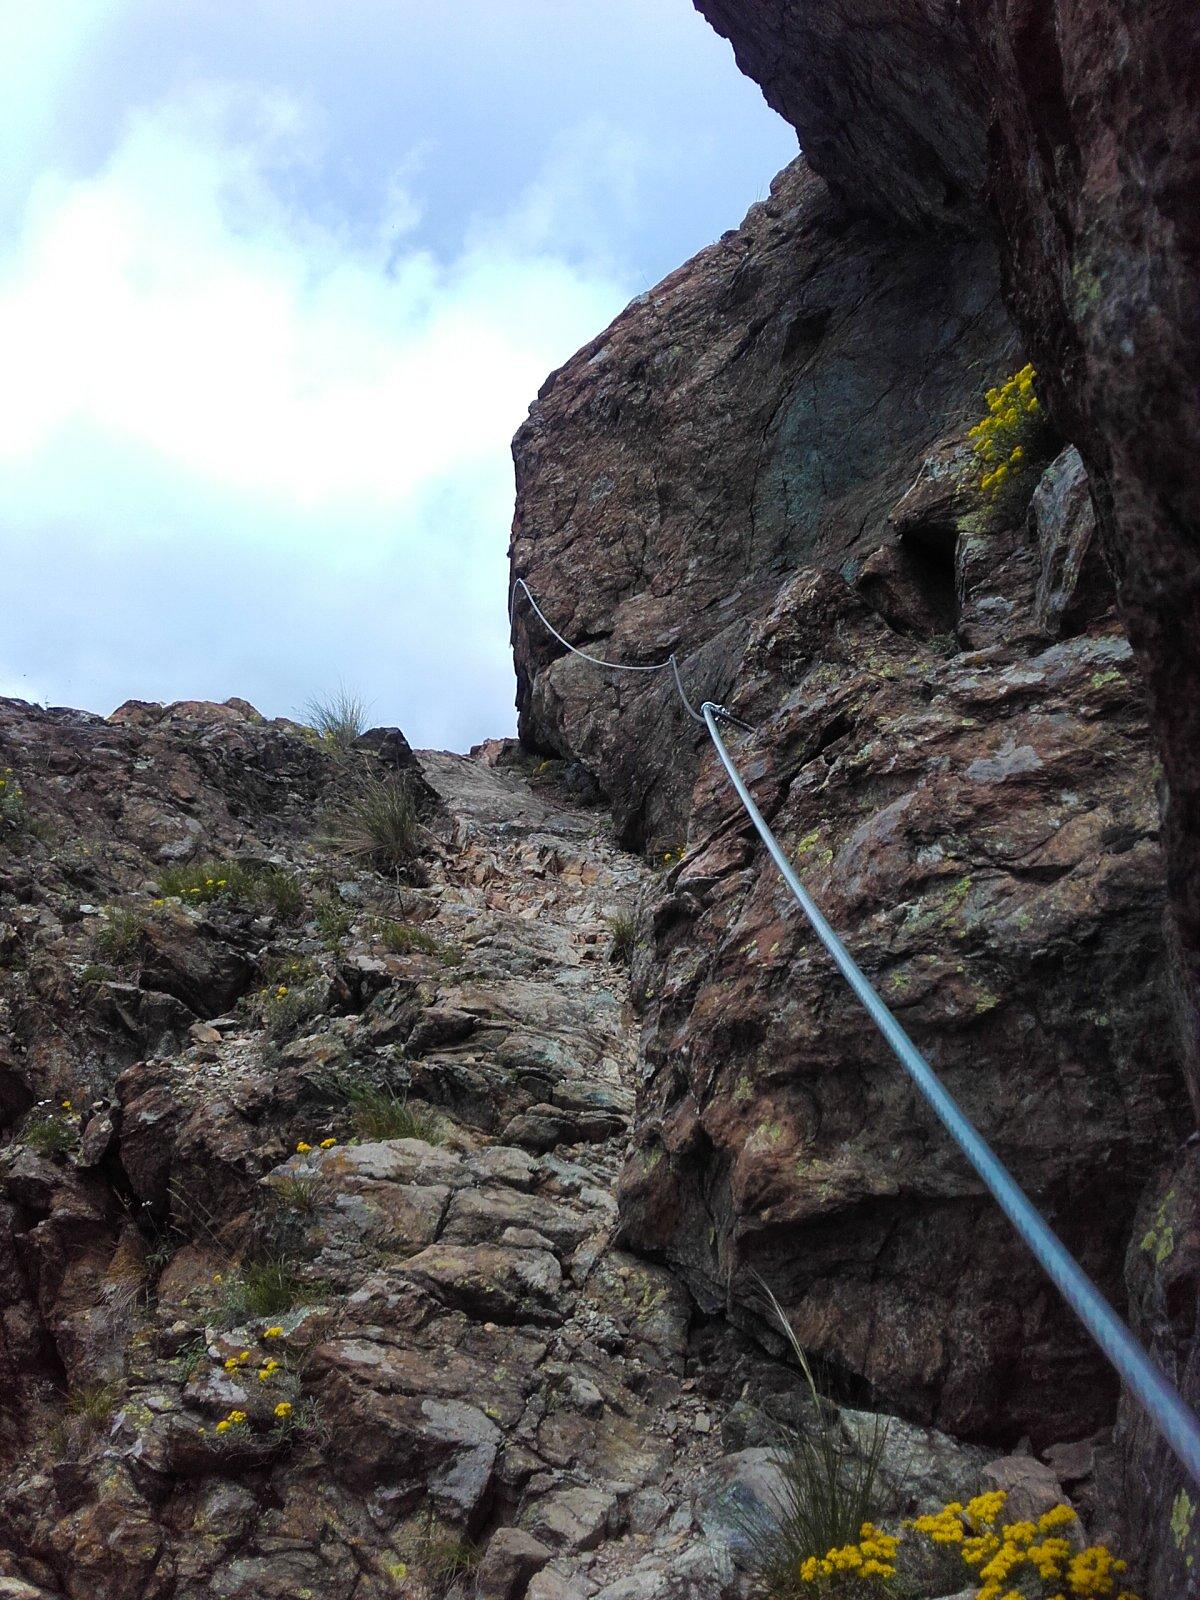 si arrampica bene in stile alpinistico